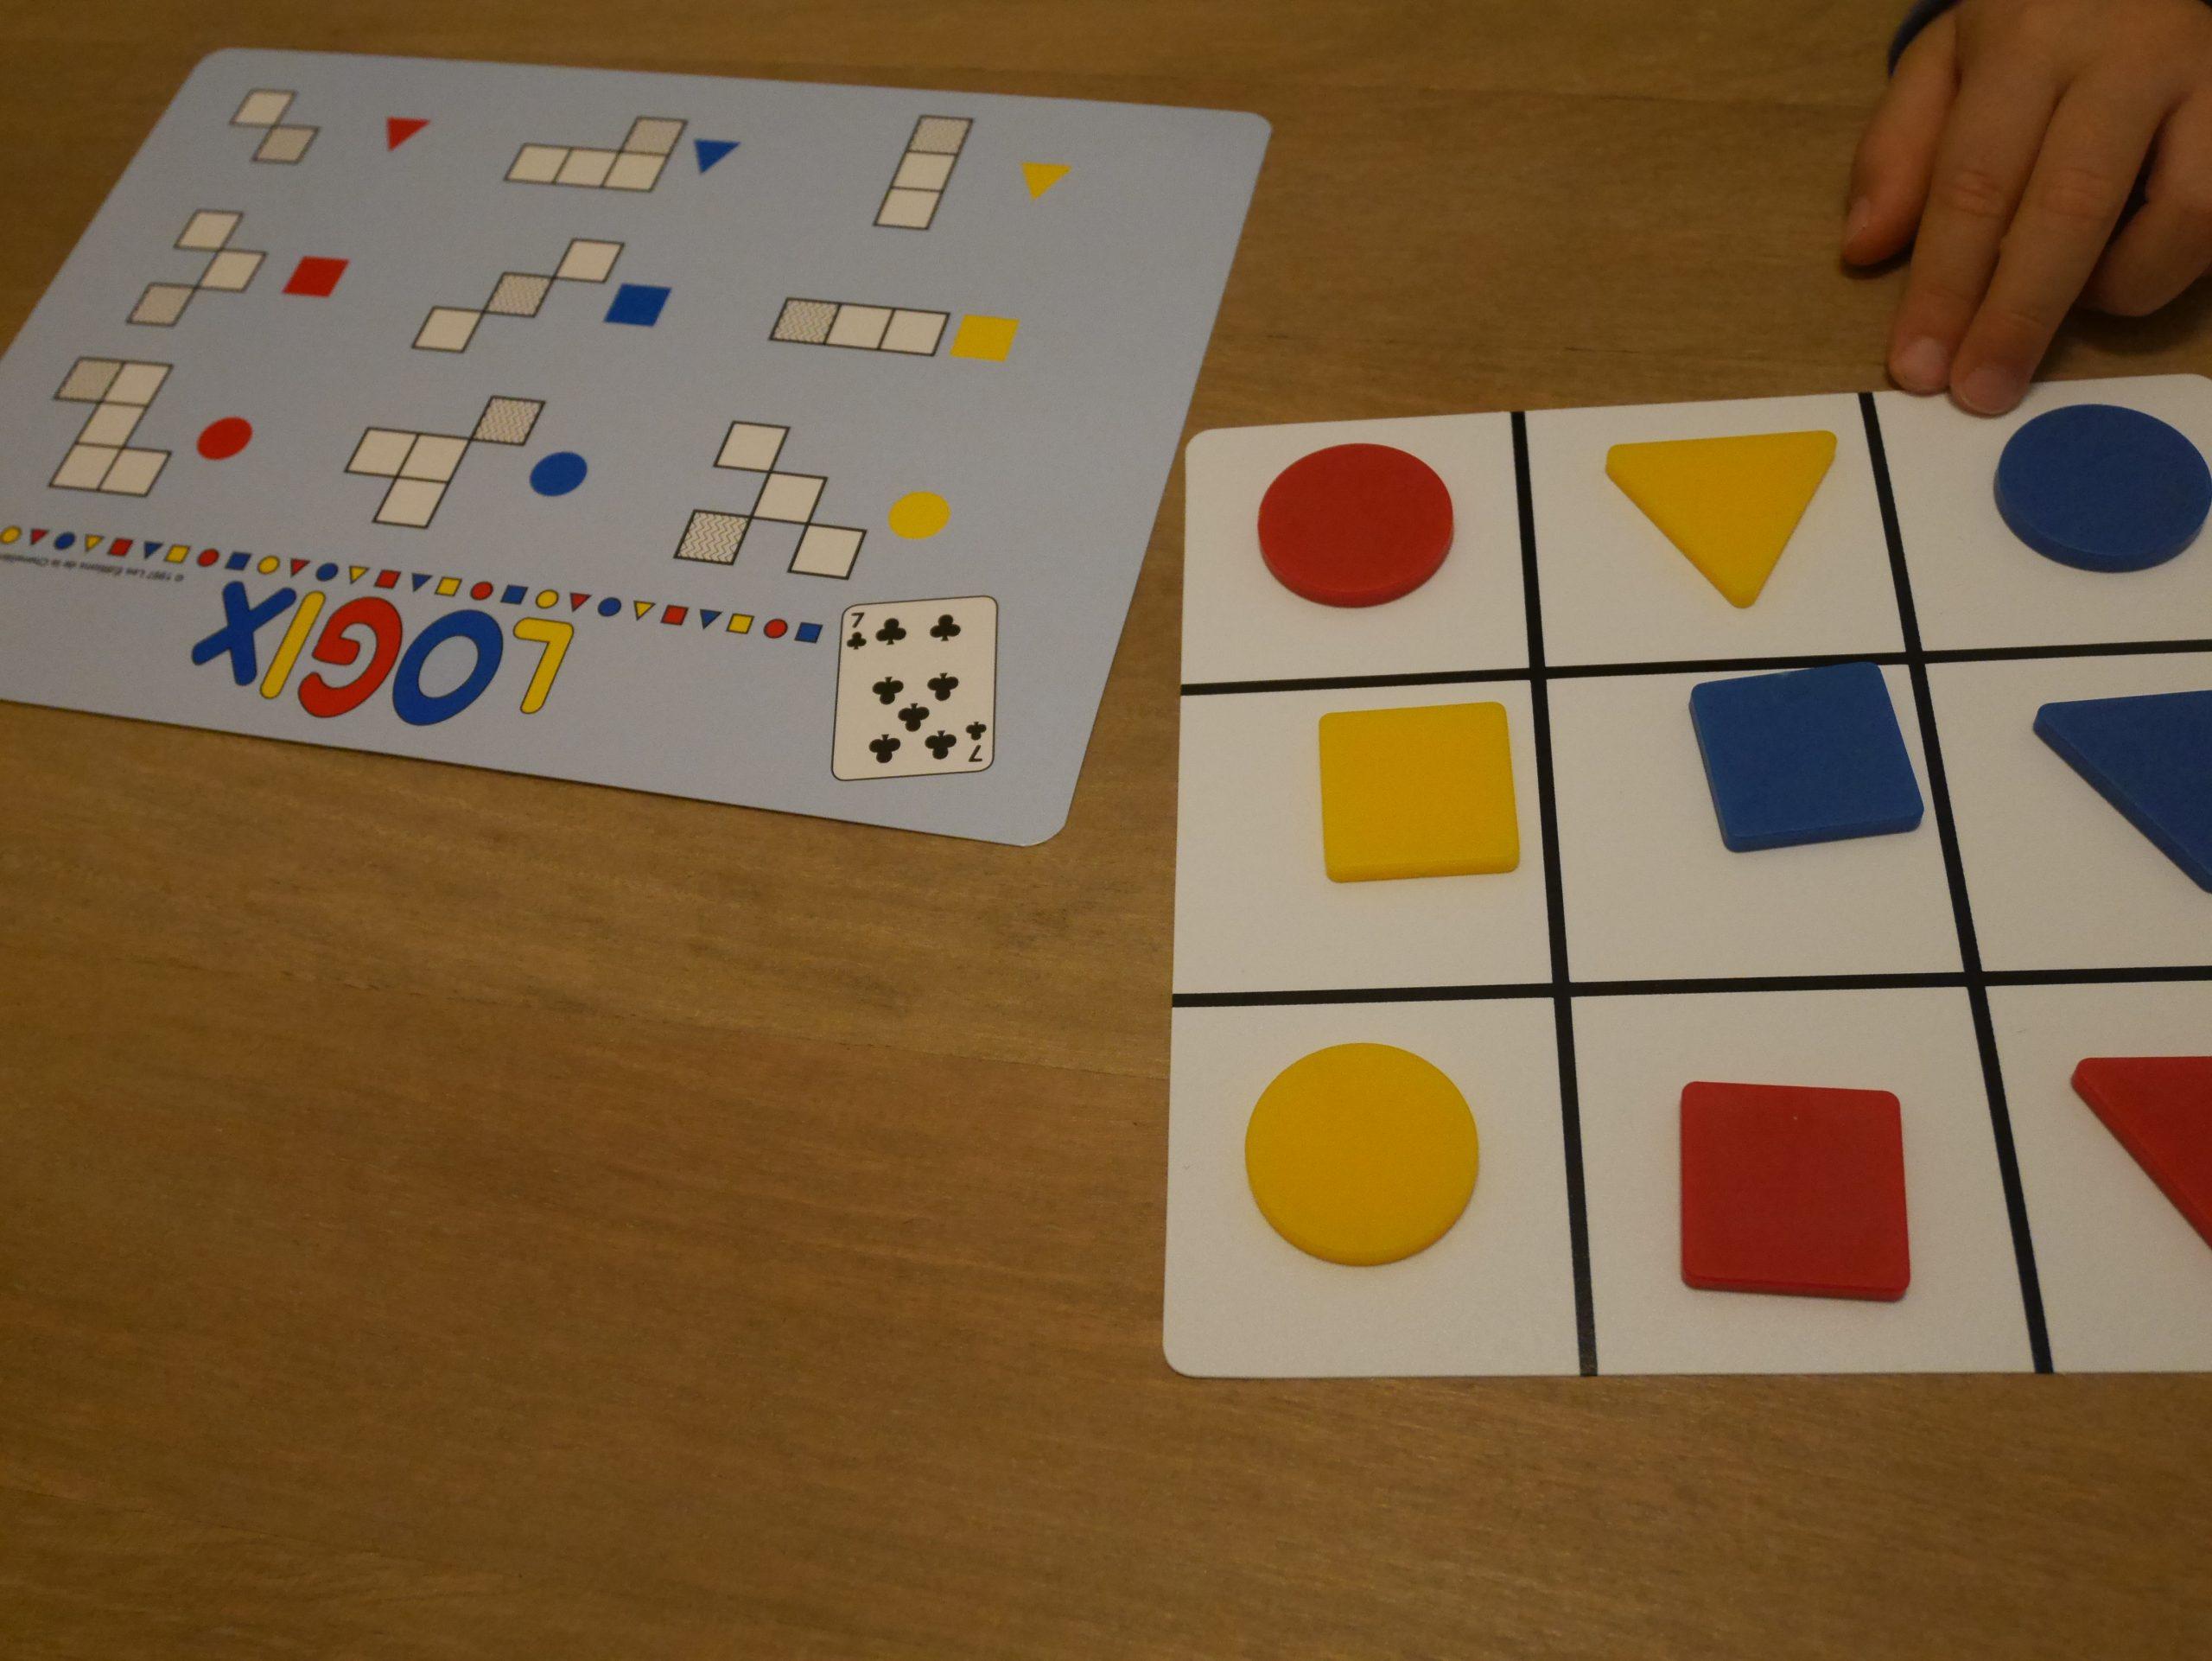 Logix - Co'errance concernant Jeux Educatif Gs